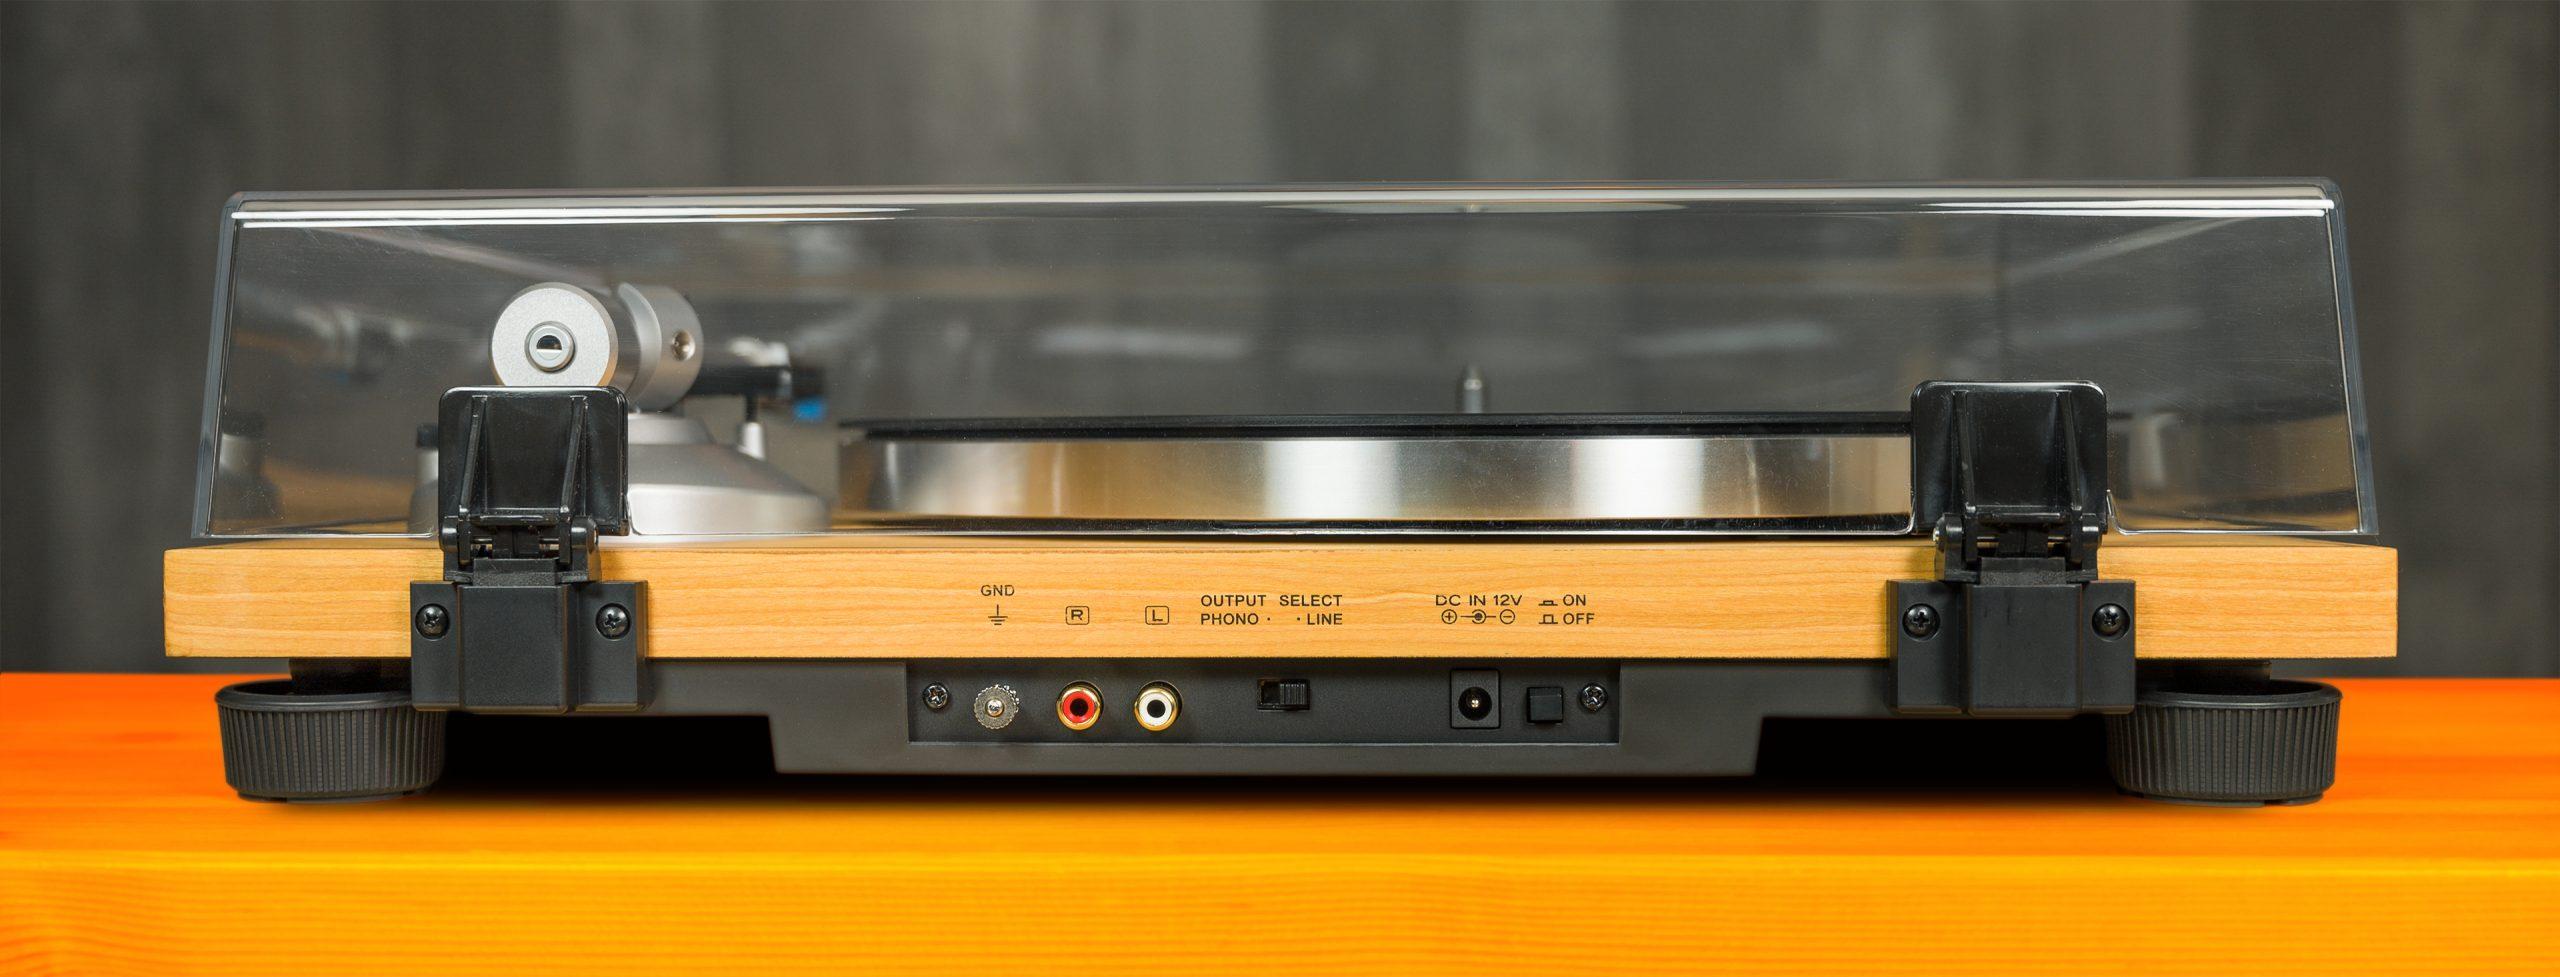 Achteraanzicht van de AT-LPW30TK platenspeler, met daarop alle aansluitingen zichtbaar.